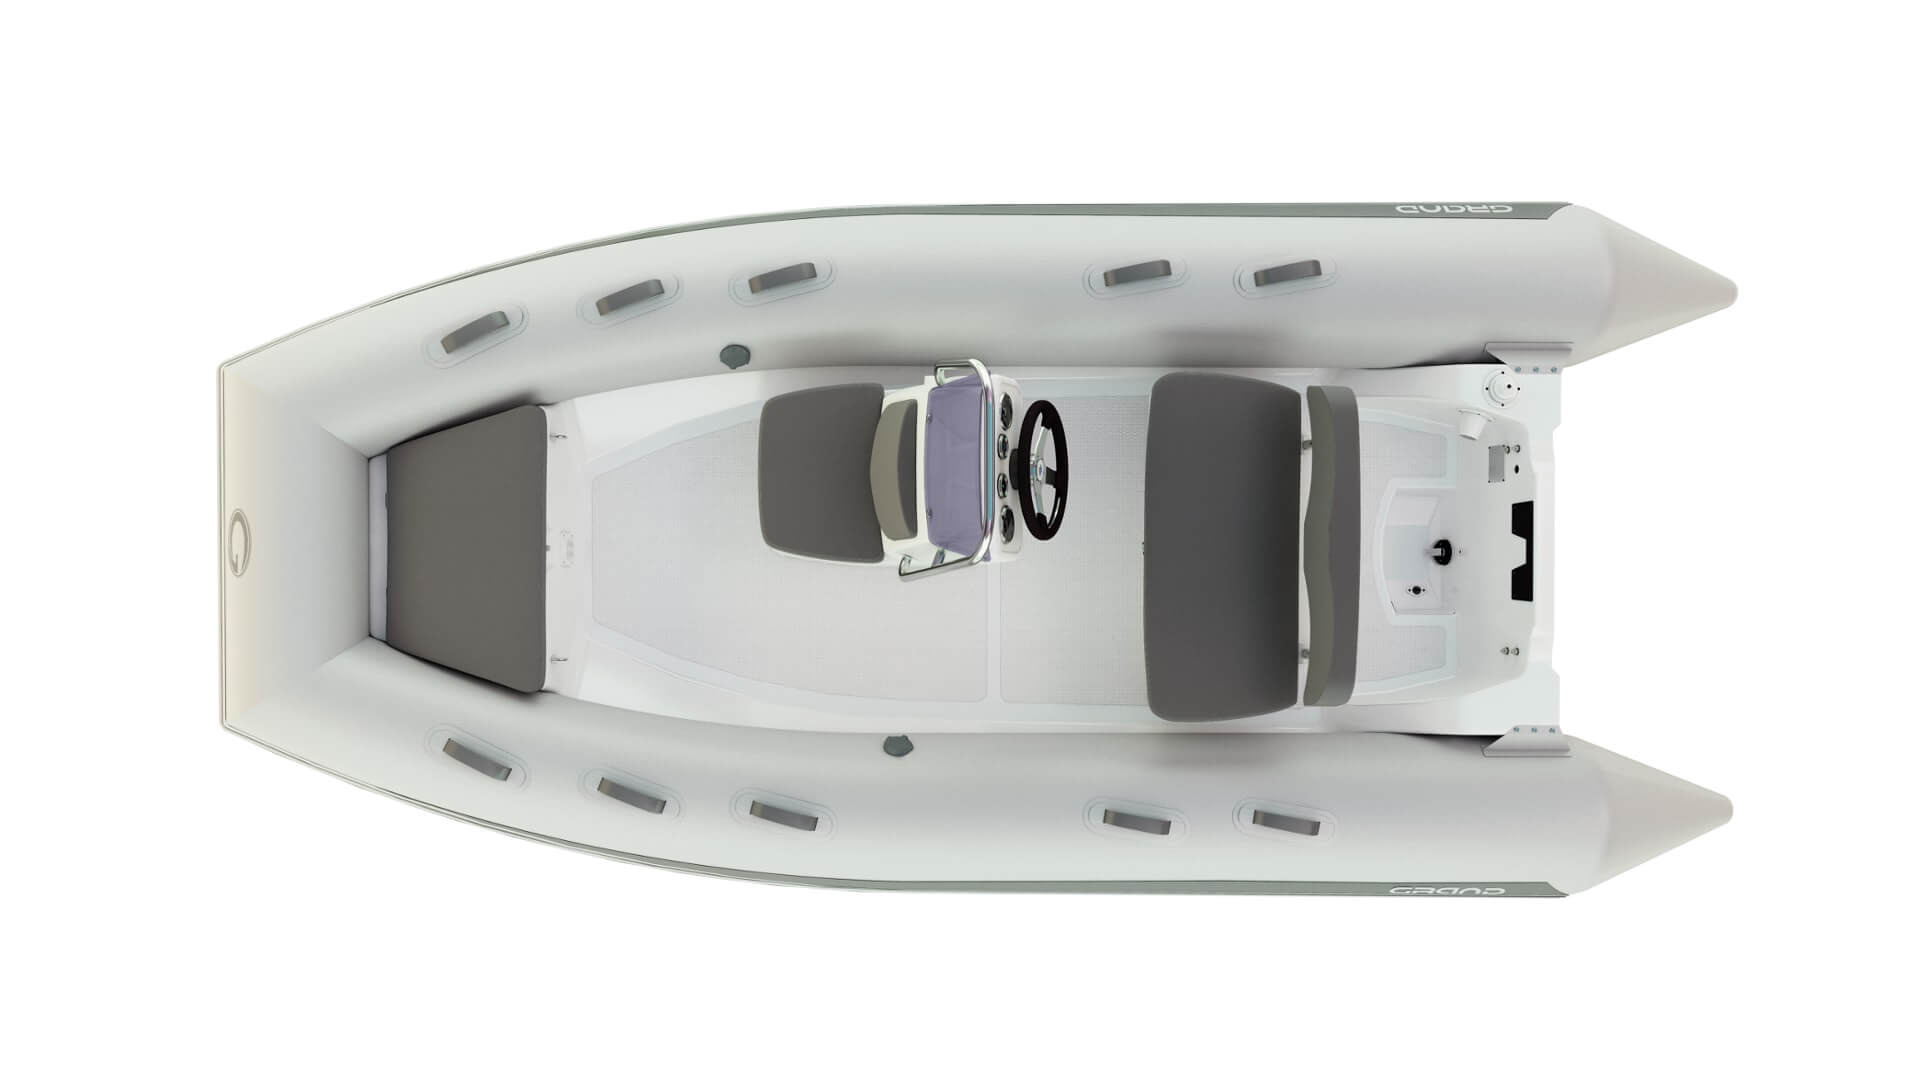 Надувная лодка GRAND Silver Line S420, GRAND Silver Line S420NL, GRAND Silver Line S420NLF, GRAND S520NL, GRAND S520NLF, S520NL, S520NLF, Надувная лодка GRAND, Надувная лодка ГРАНД, Надувная лодка с жестким дном, RIB, Rigid Inflatable Boats